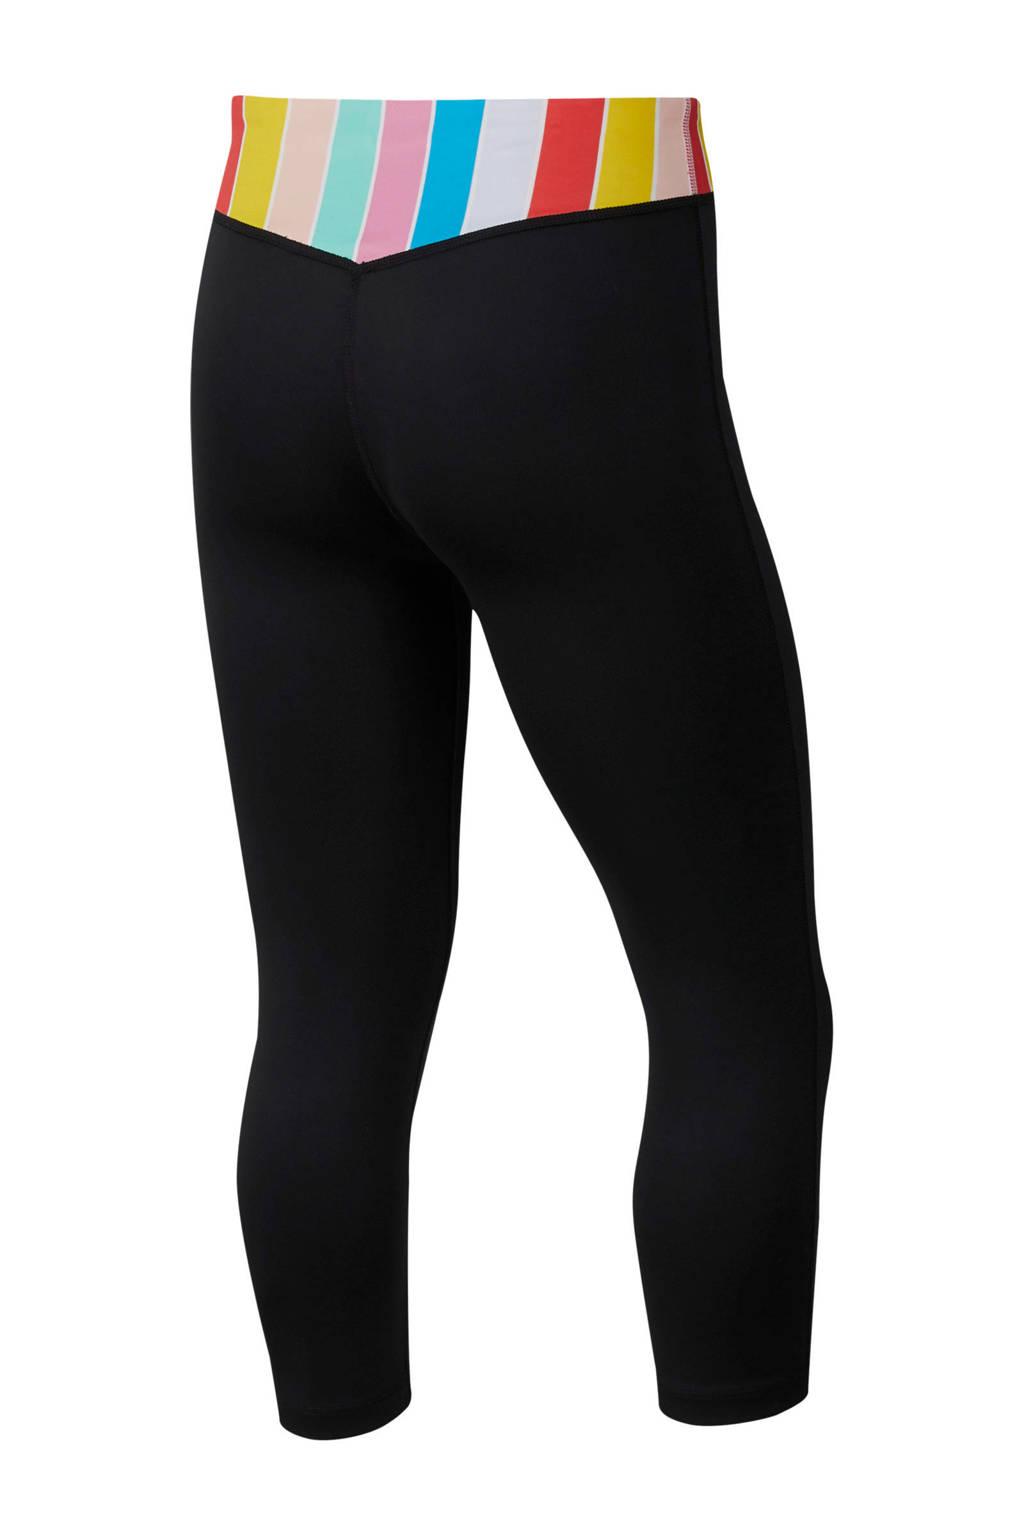 Nike broek zwart/multi, Zwart/multi